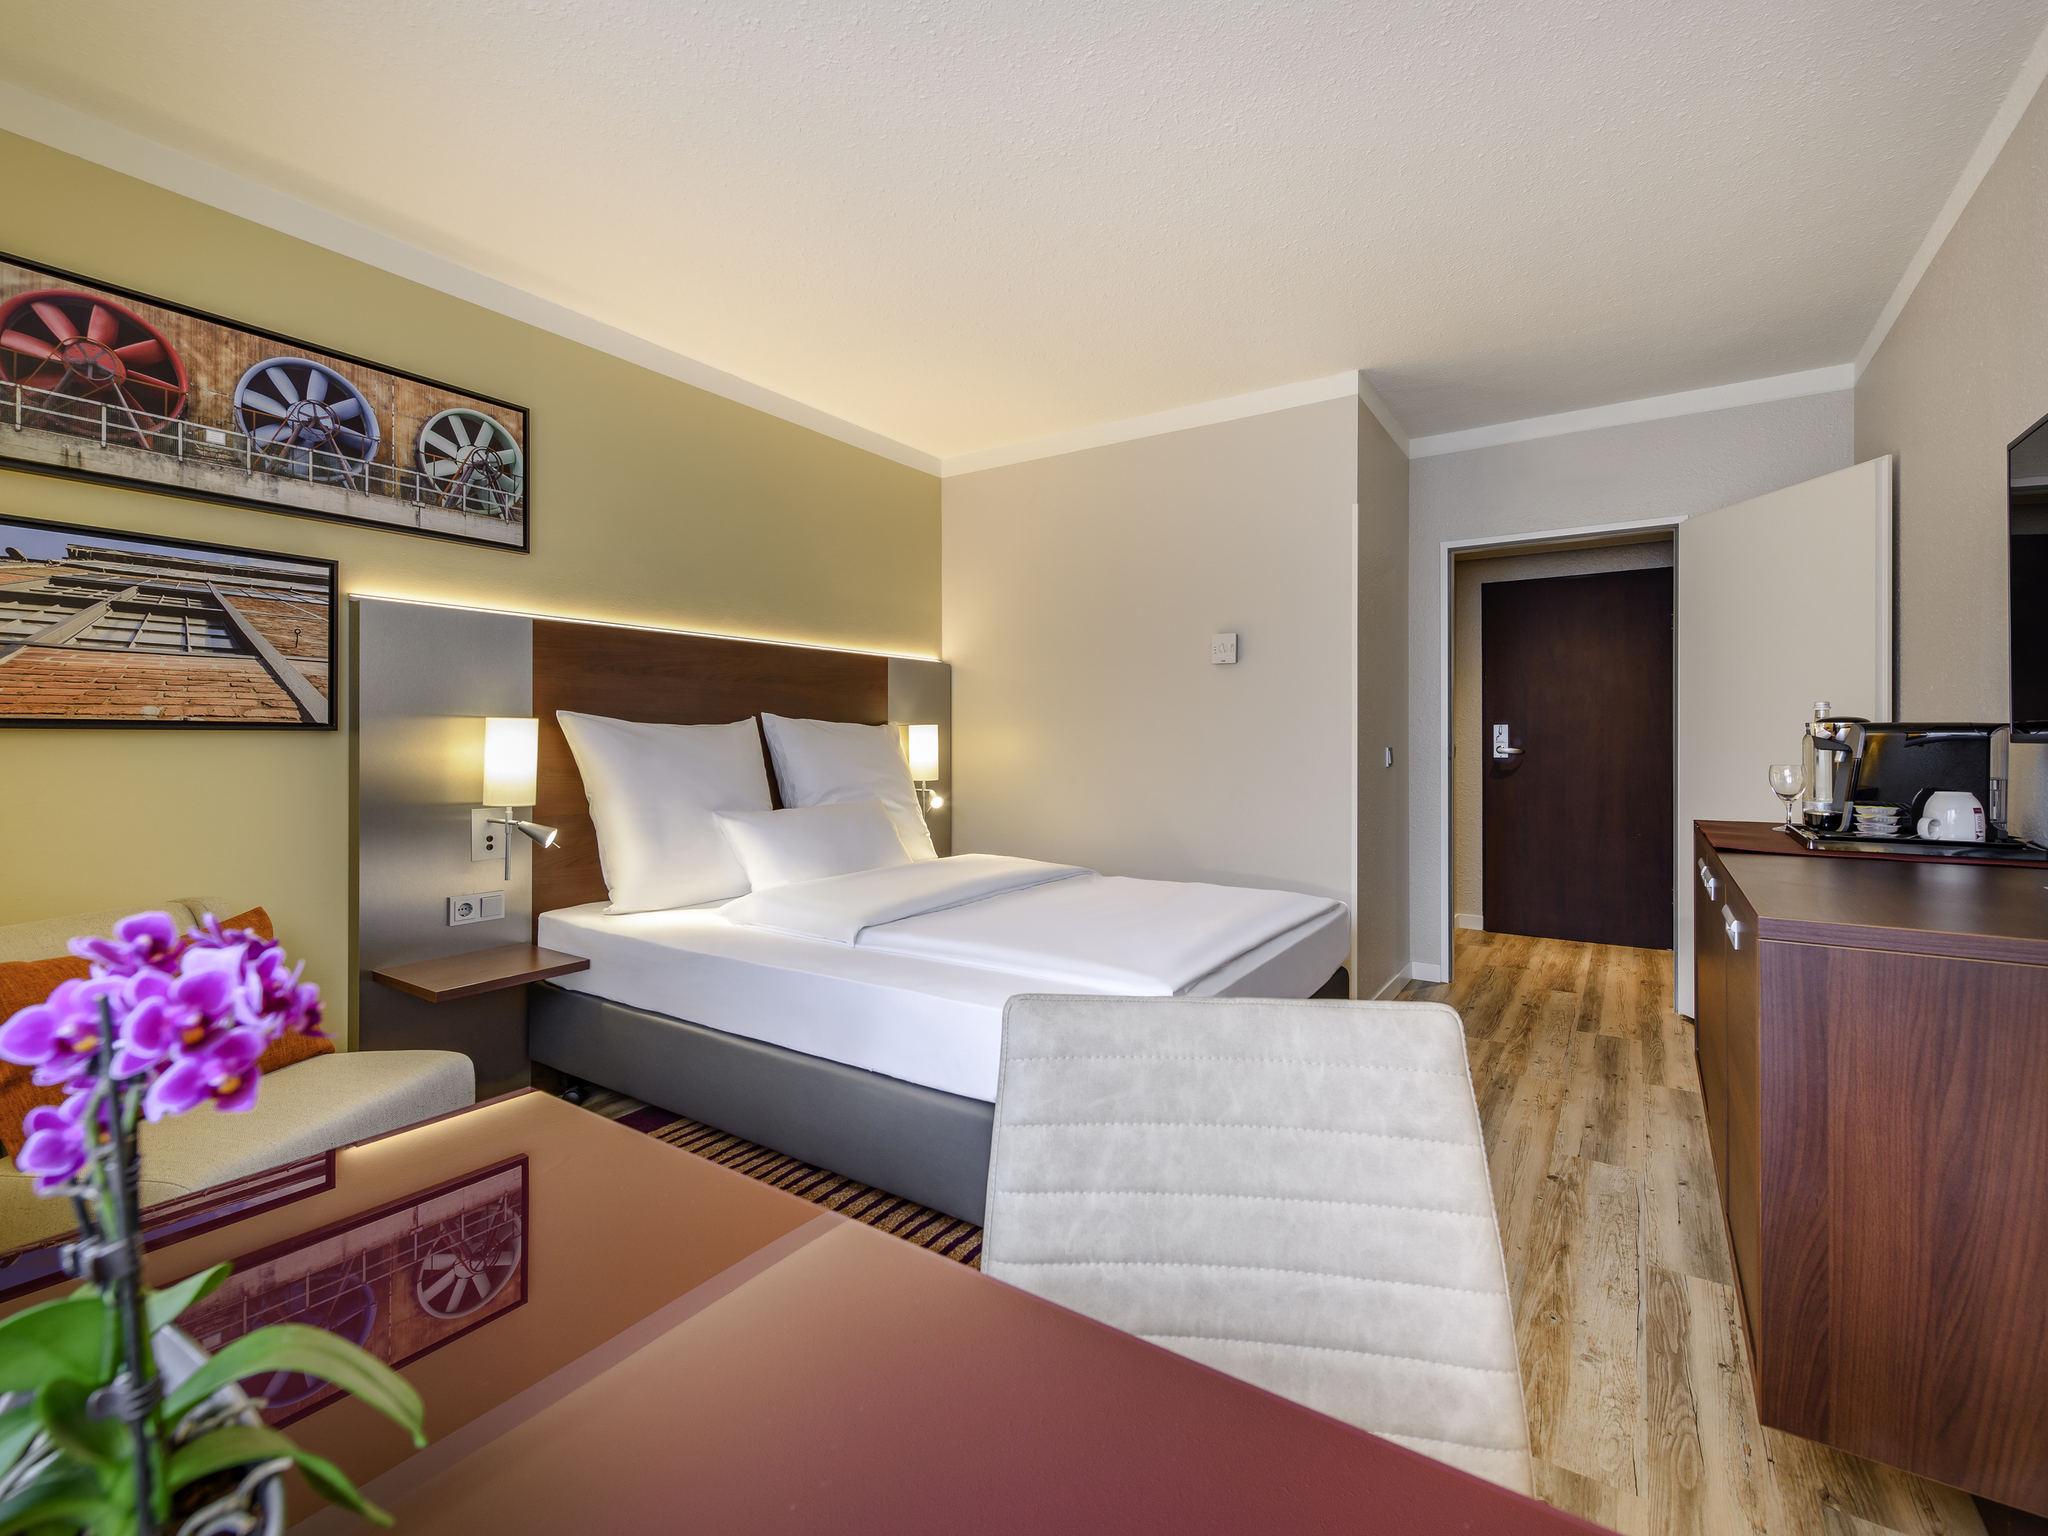 ホテル – メルキュールホテルデュースブルクシティ